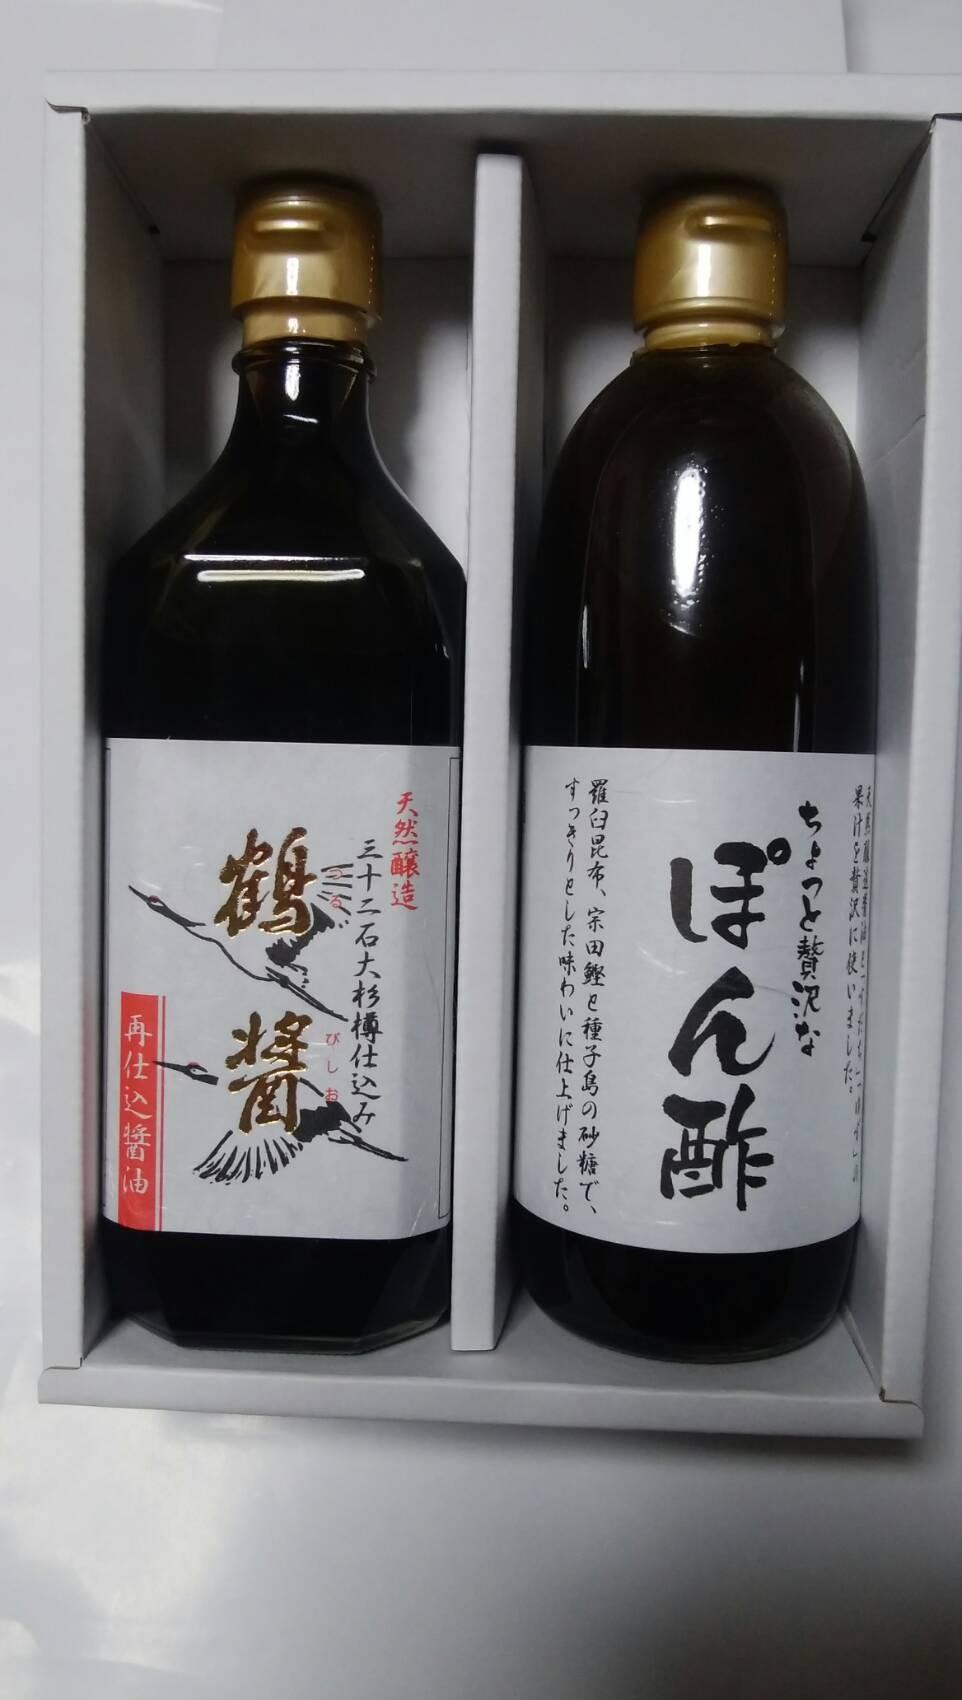 ヤマロクの醤油(2本セット)